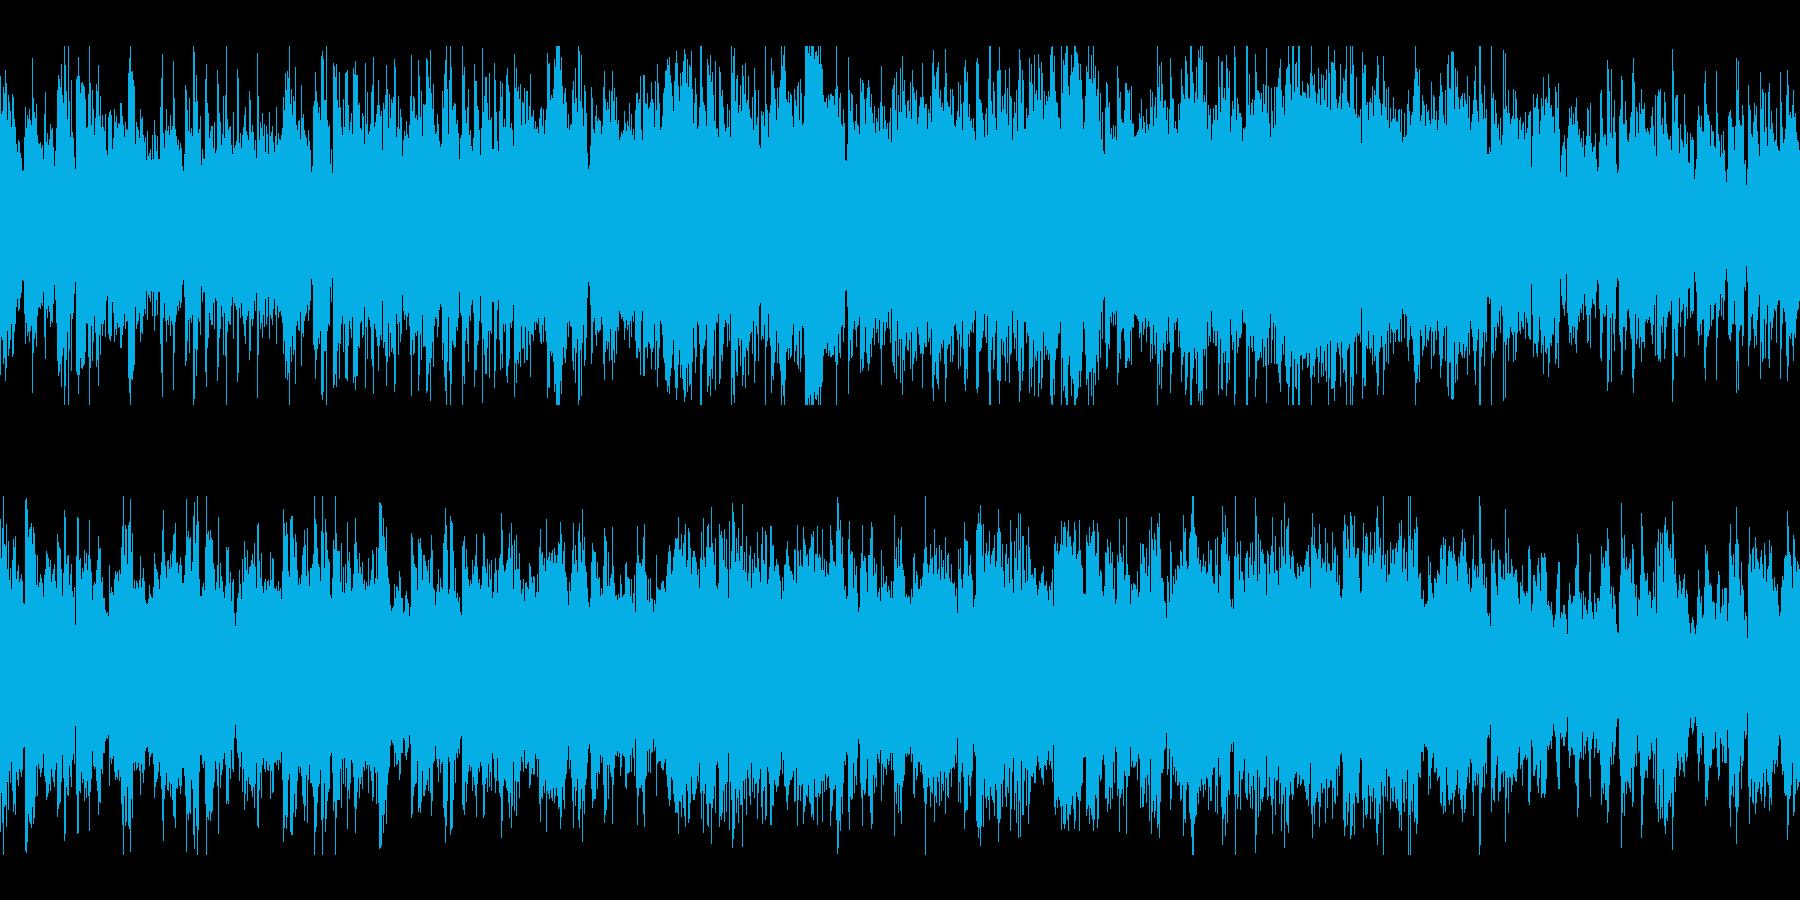 物悲しい緊張感ケルト民族調曲 ループの再生済みの波形